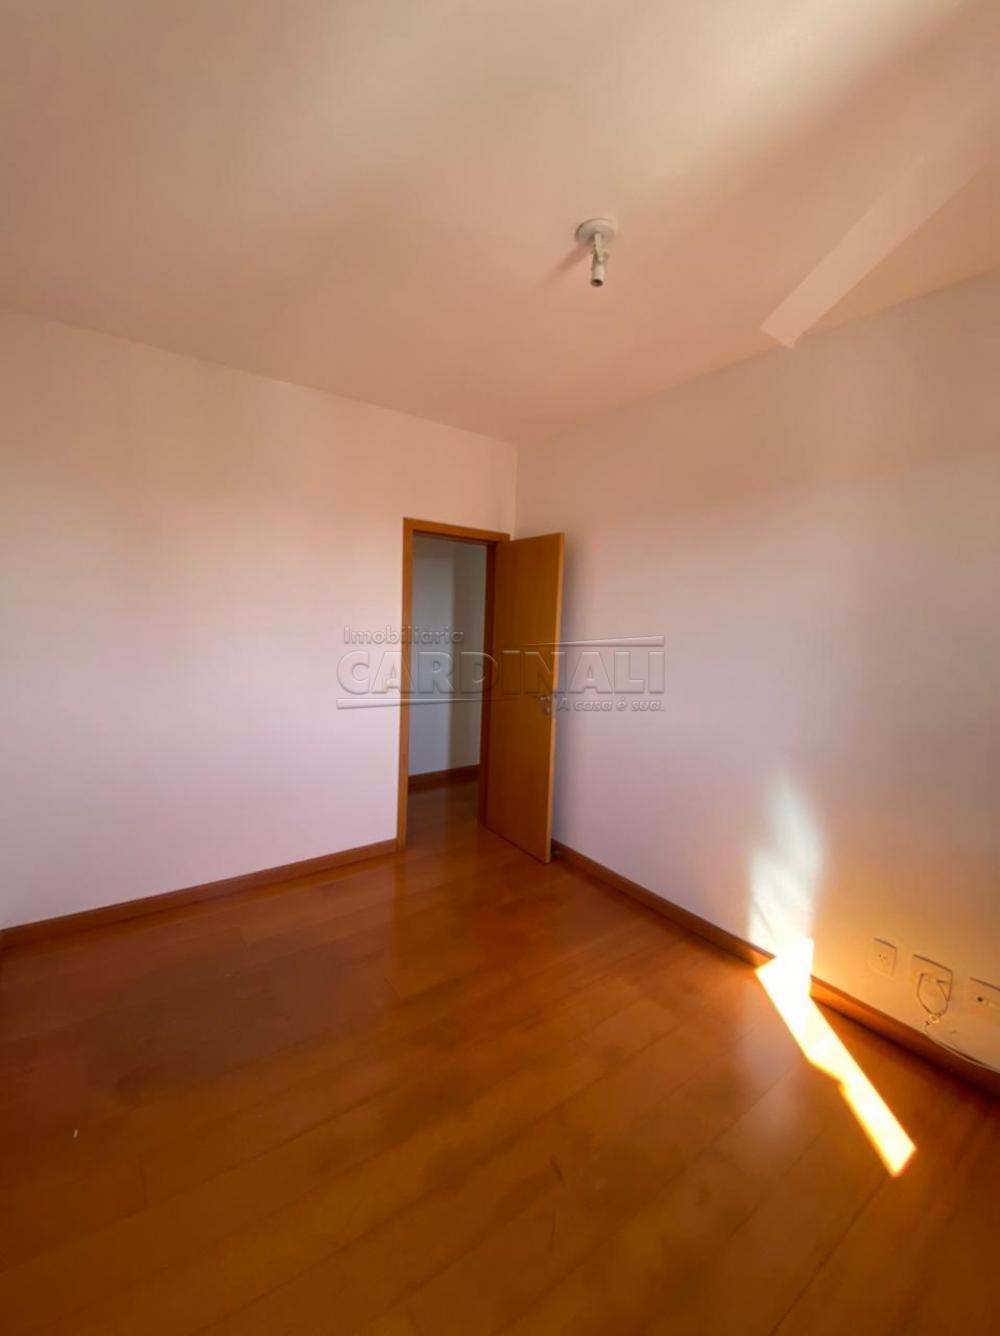 Alugar Apartamento / Padrão em São Carlos R$ 1.778,00 - Foto 5